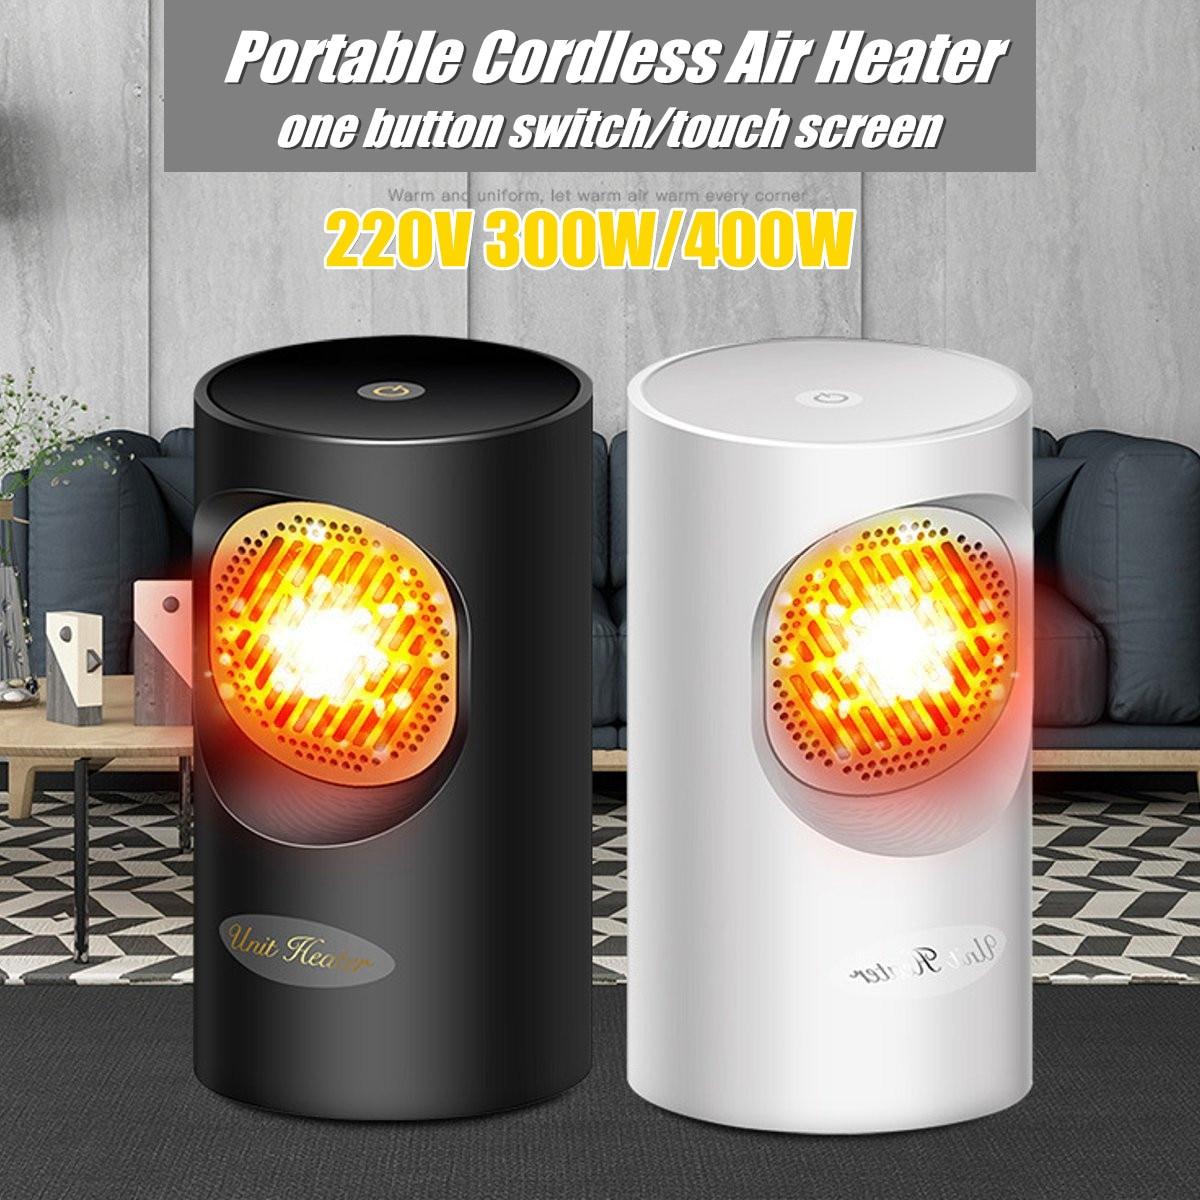 Riscaldamento Elettrico Ad Aria.220 V 300 400 W Senza Fili Portatile Riscaldatore Elettrico